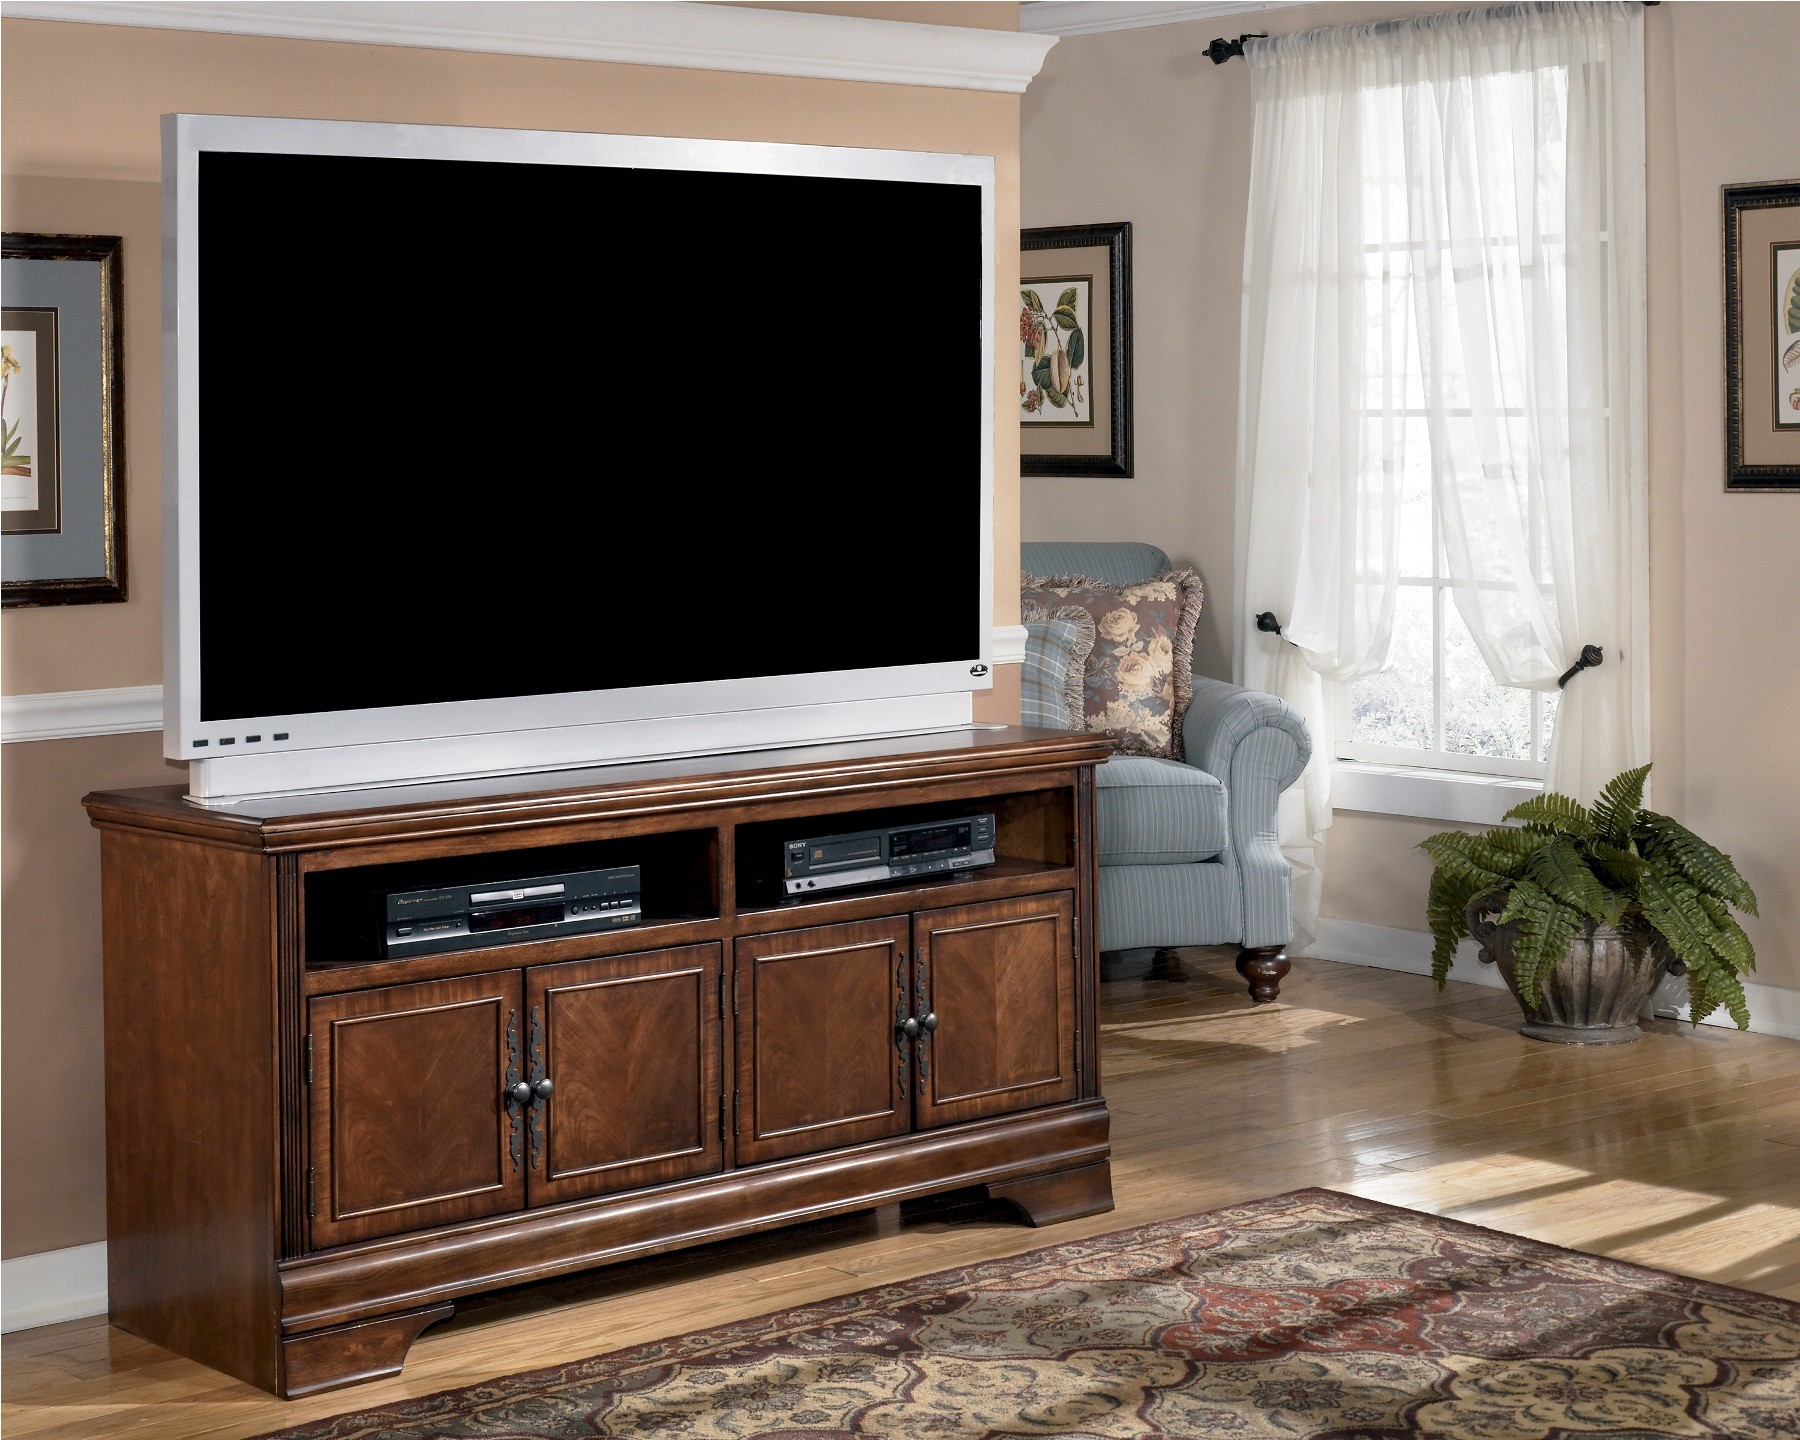 Hamlyn 60 Inch TV Stand From Ashley (W527-38)